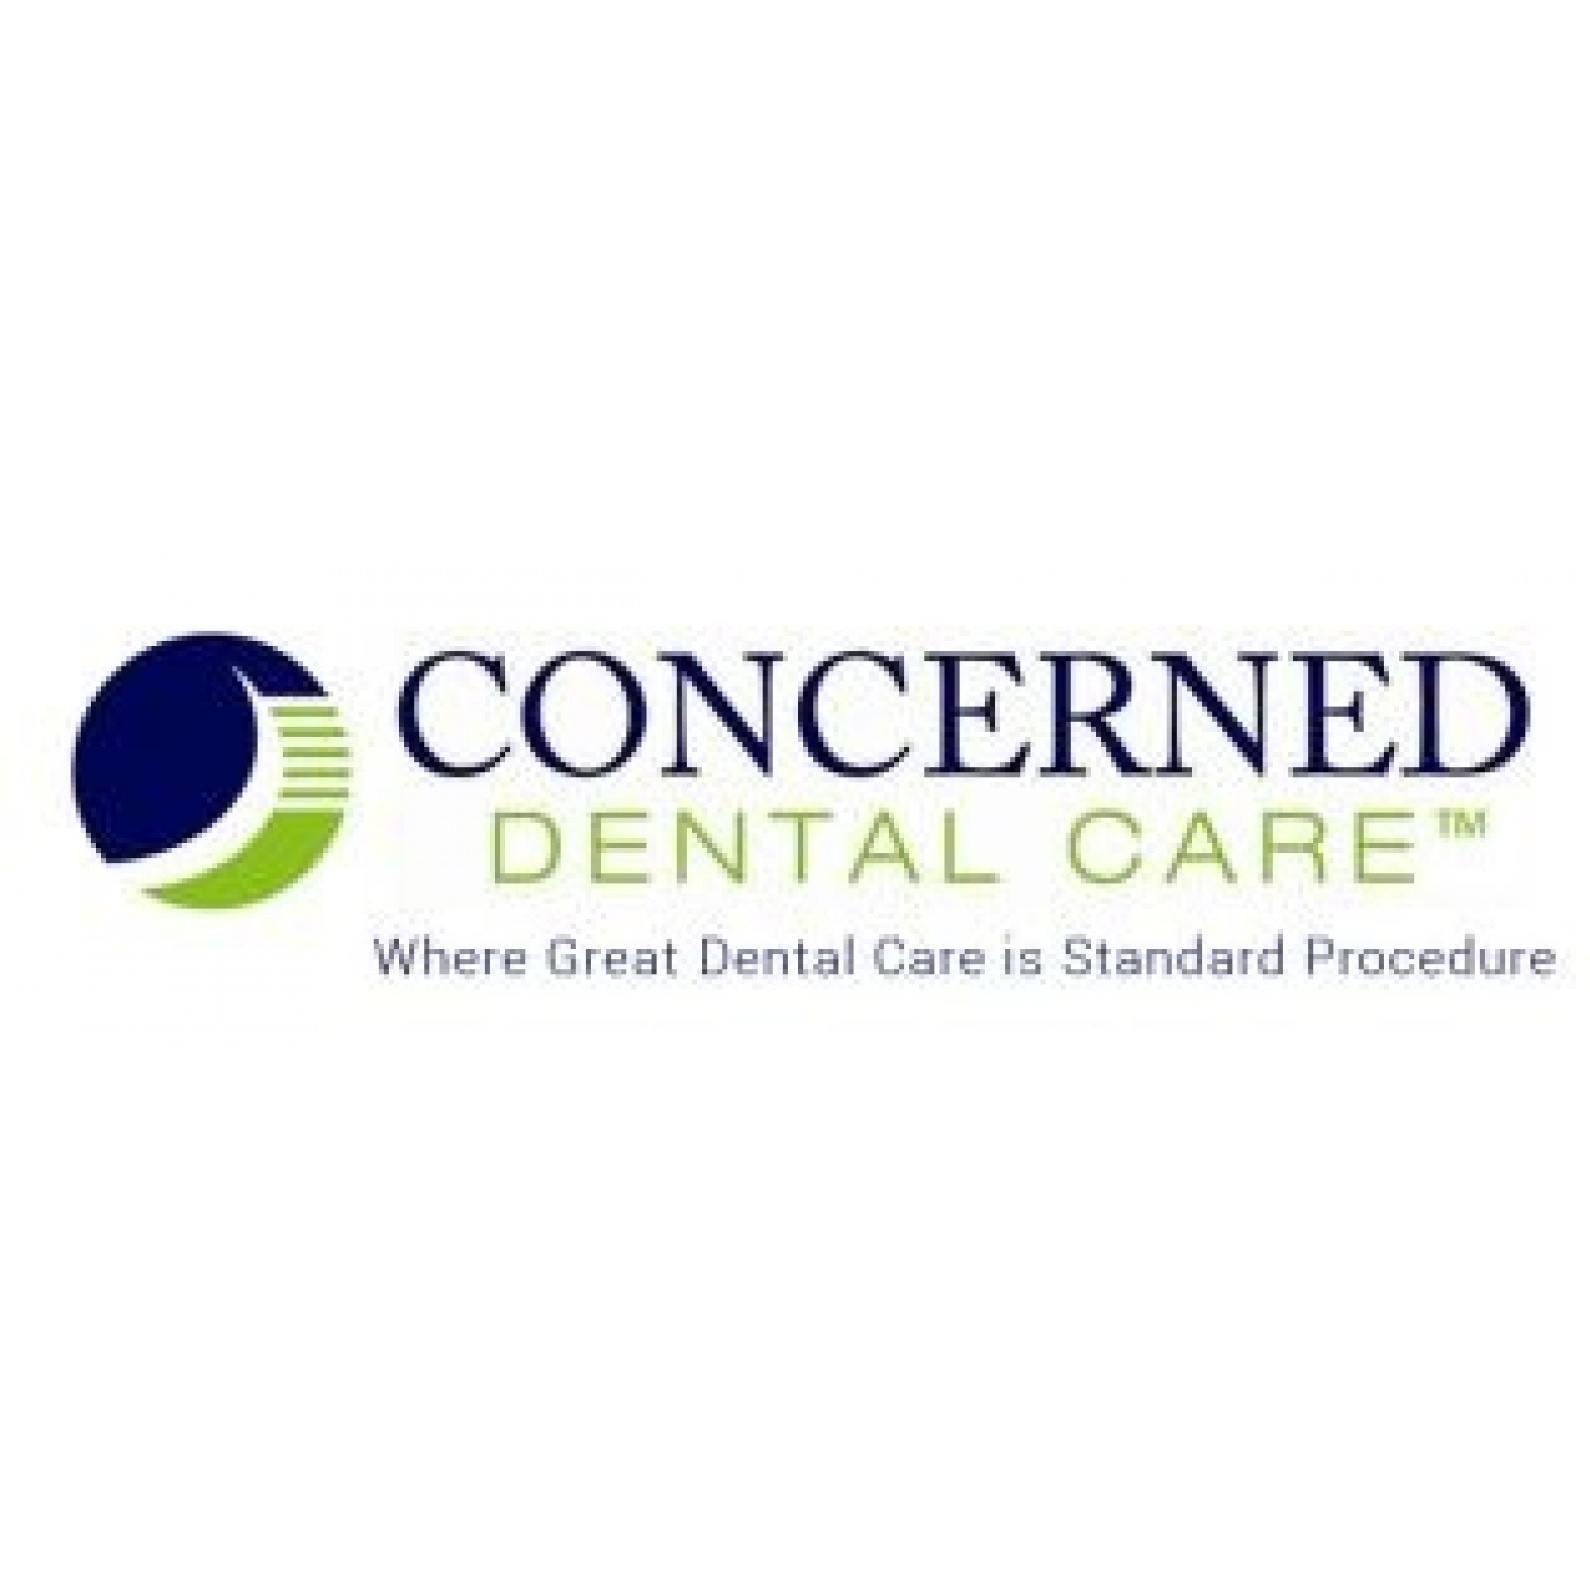 Concerned Dental Care (Bronx)